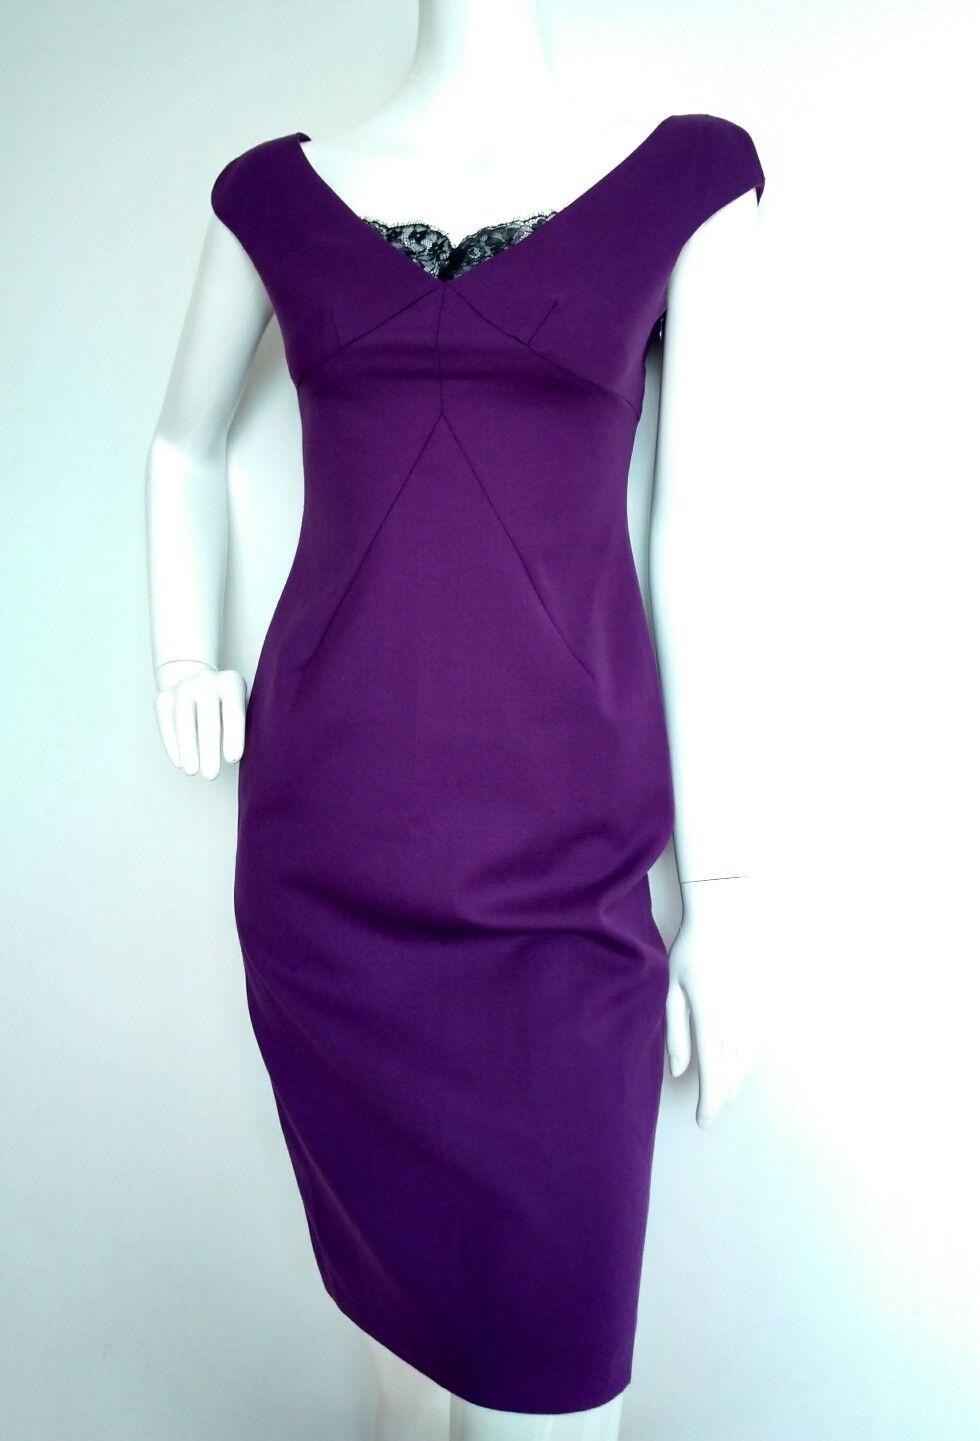 Designer Designer Designer LK BENNETT fitted shift dress size 6 --USED ONCE-- wool blend purple 7389f1